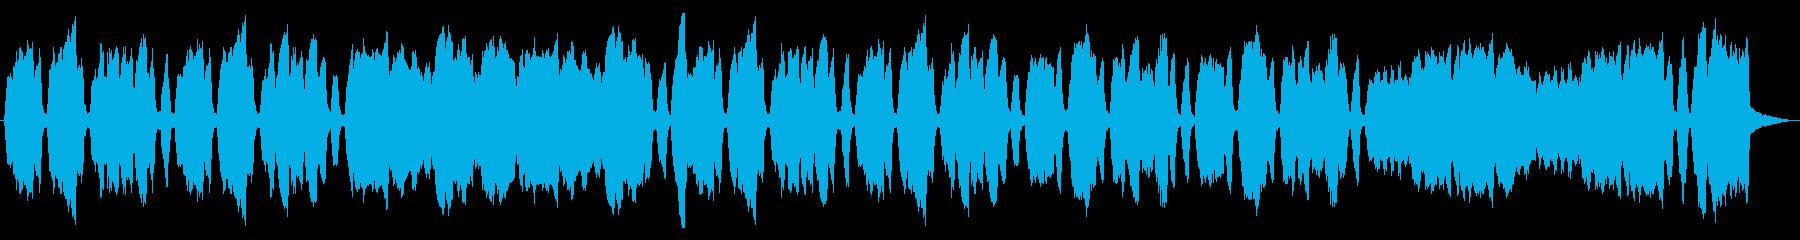 彷徨う様子を表現するパイプオルガンの再生済みの波形